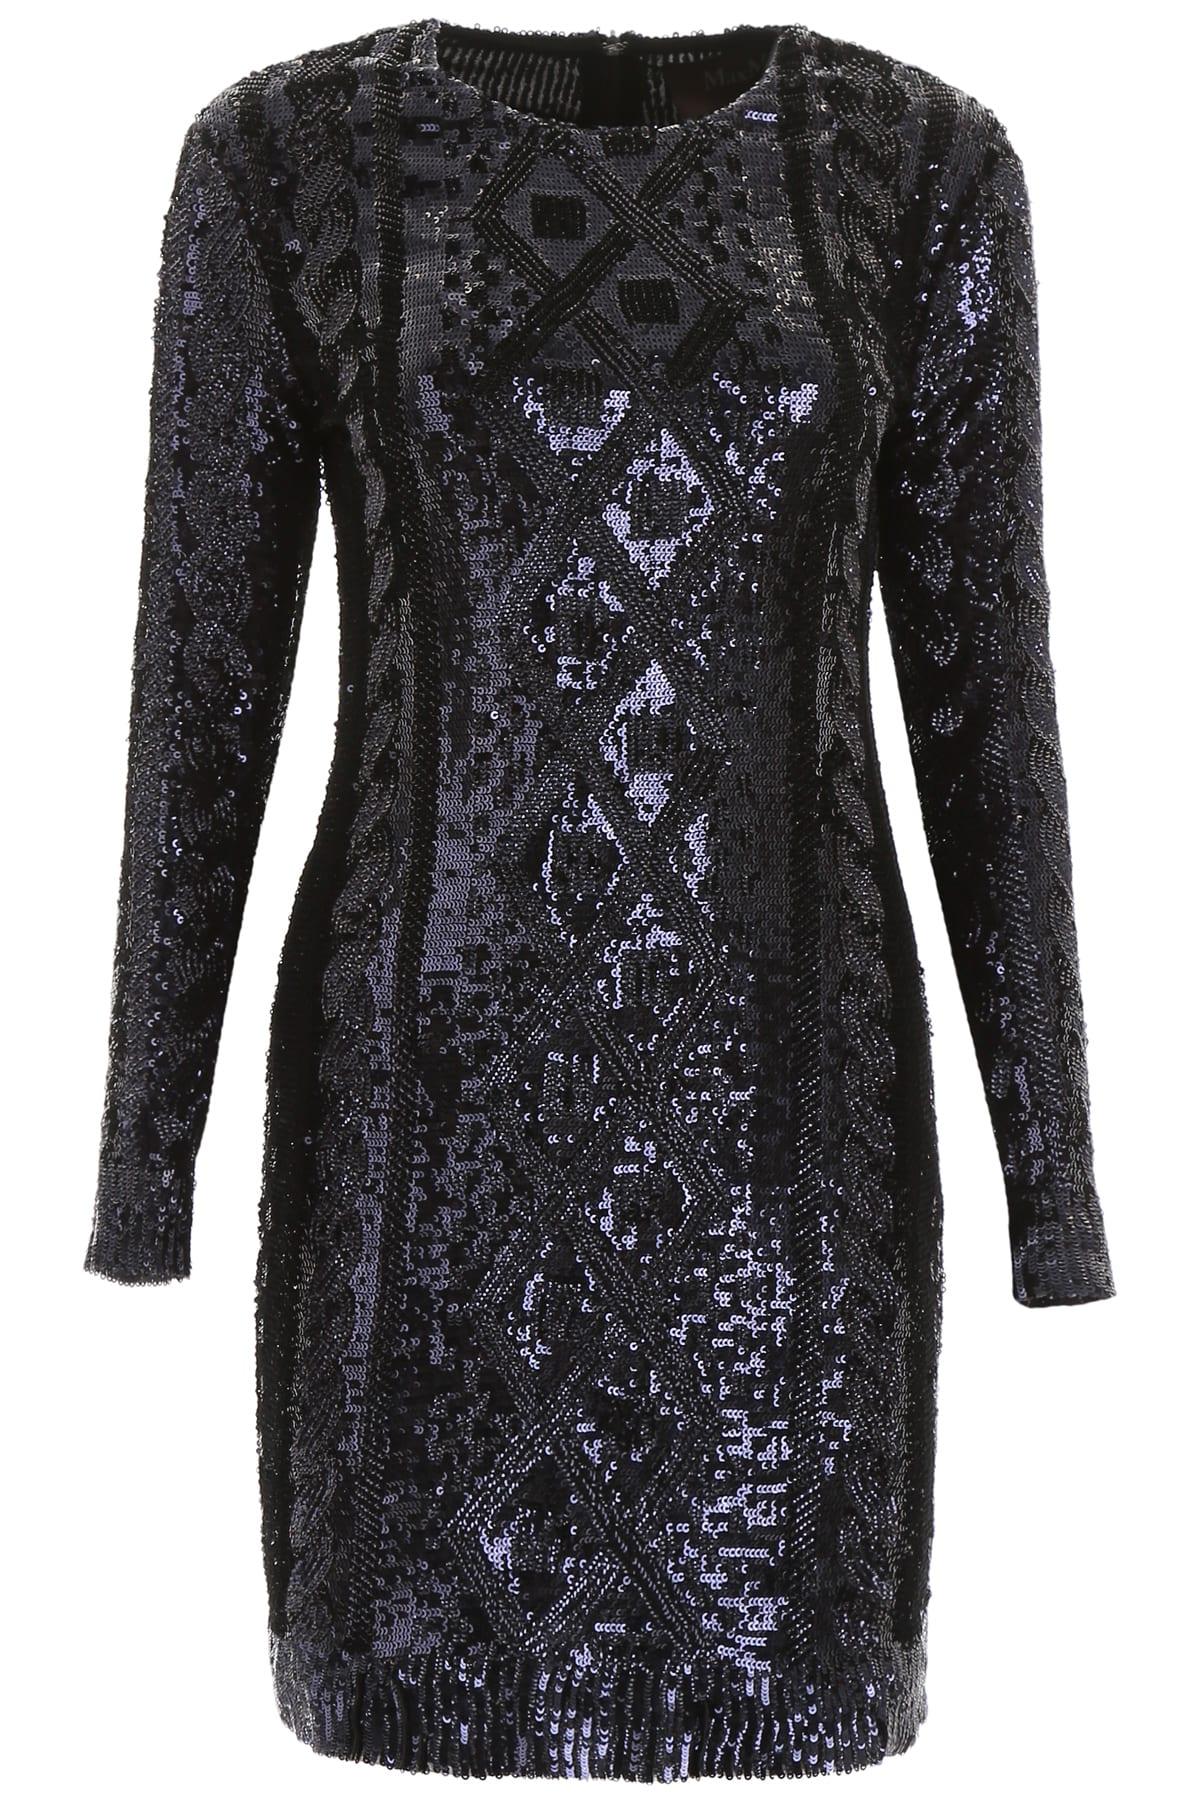 Photo of  Max Mara Sequins Sheath Dress- shop Max Mara  online sales